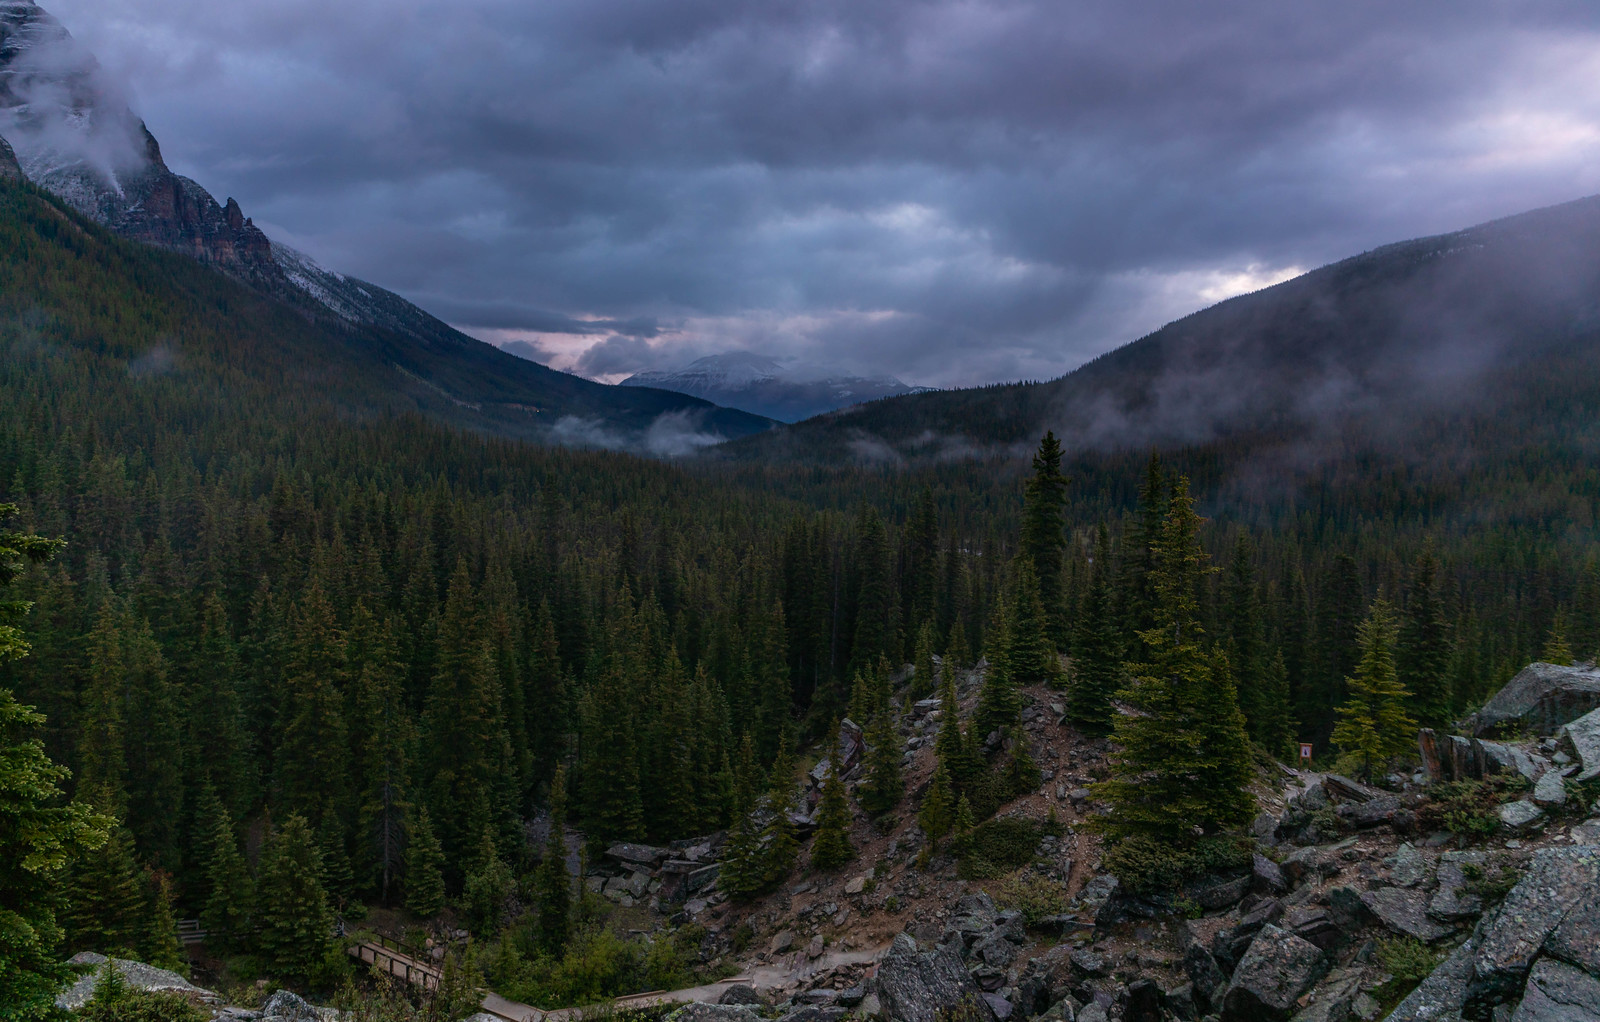 06.29. Moraine Lake, Banff National Park, AB, Canada